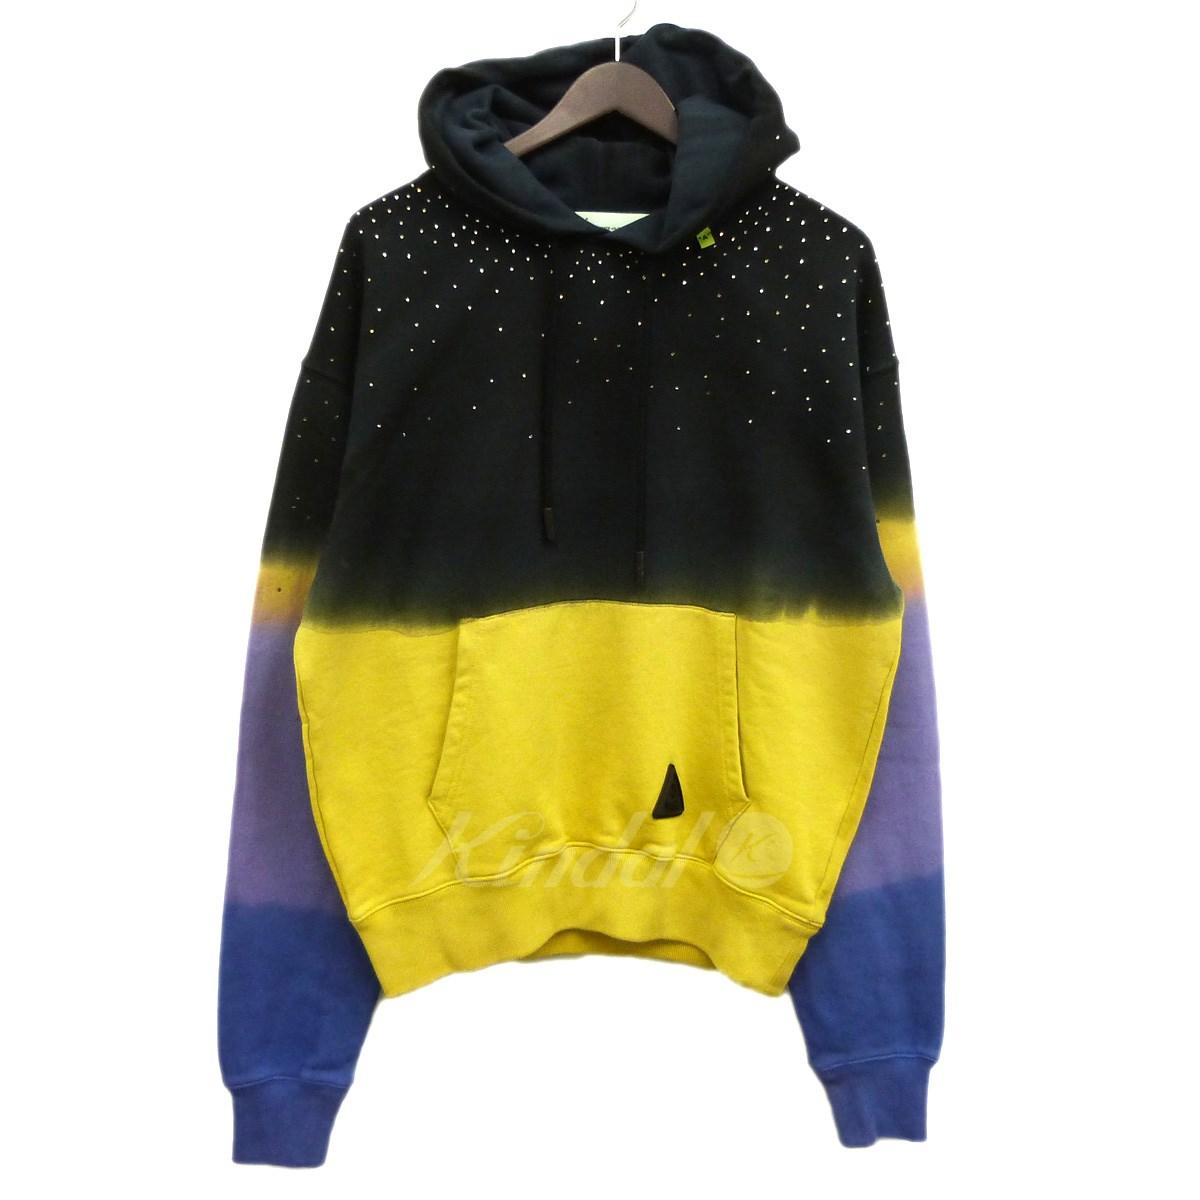 【中古】OFFWHITE 19SS「ombre effect hoodie」グラデーションプルオーバーパーカー ブラック×パープル×イエロー サイズ:XS 【250419】(オフホワイト)